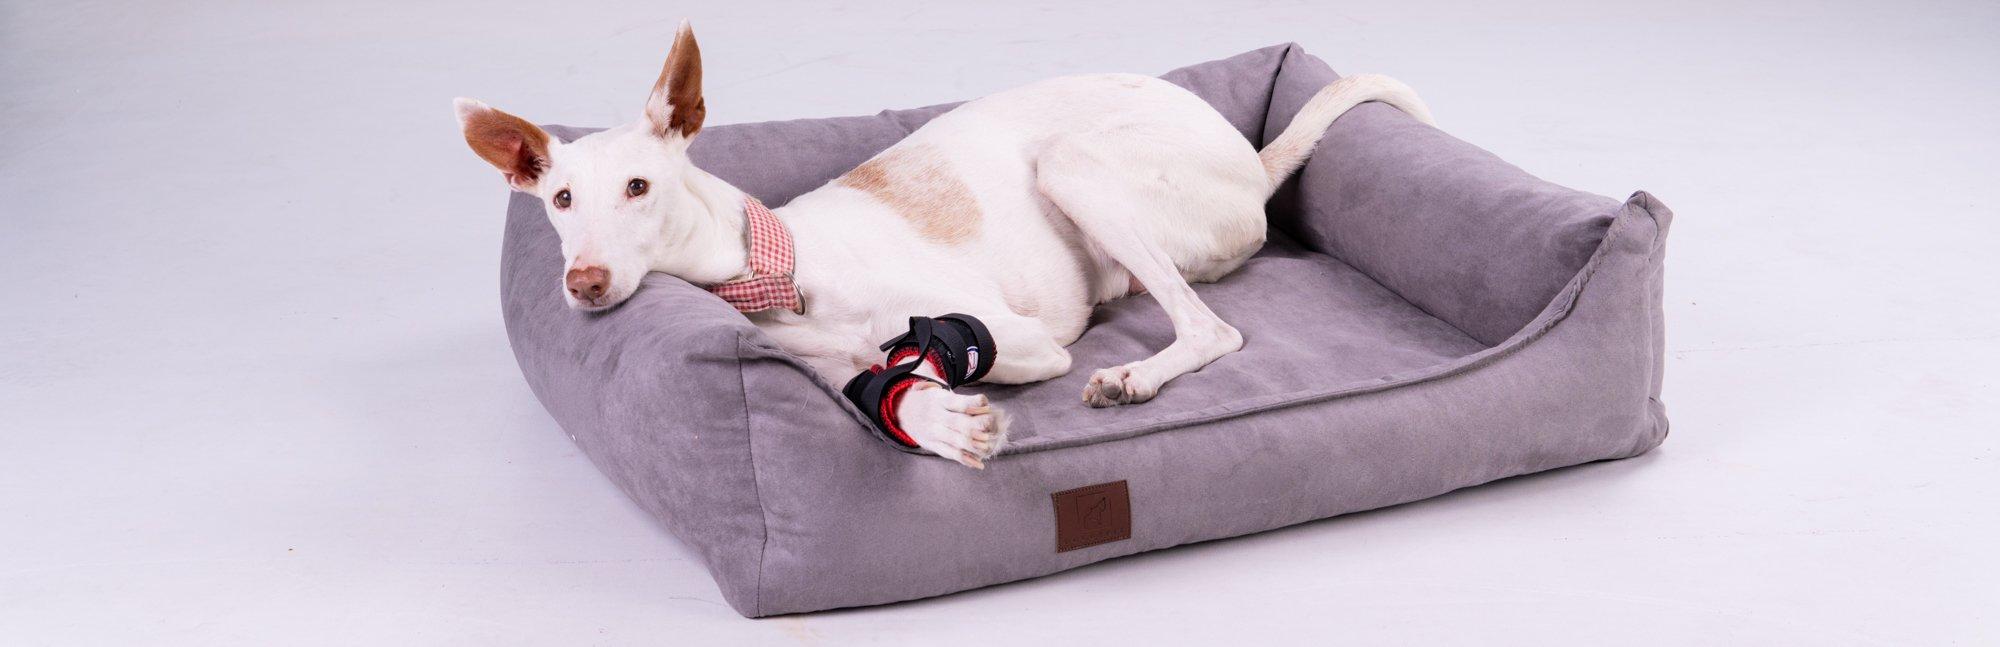 Full Size of Hundebett Flocke Doggy Fit Orthopdisches Fitness Wohnzimmer Hundebett Flocke